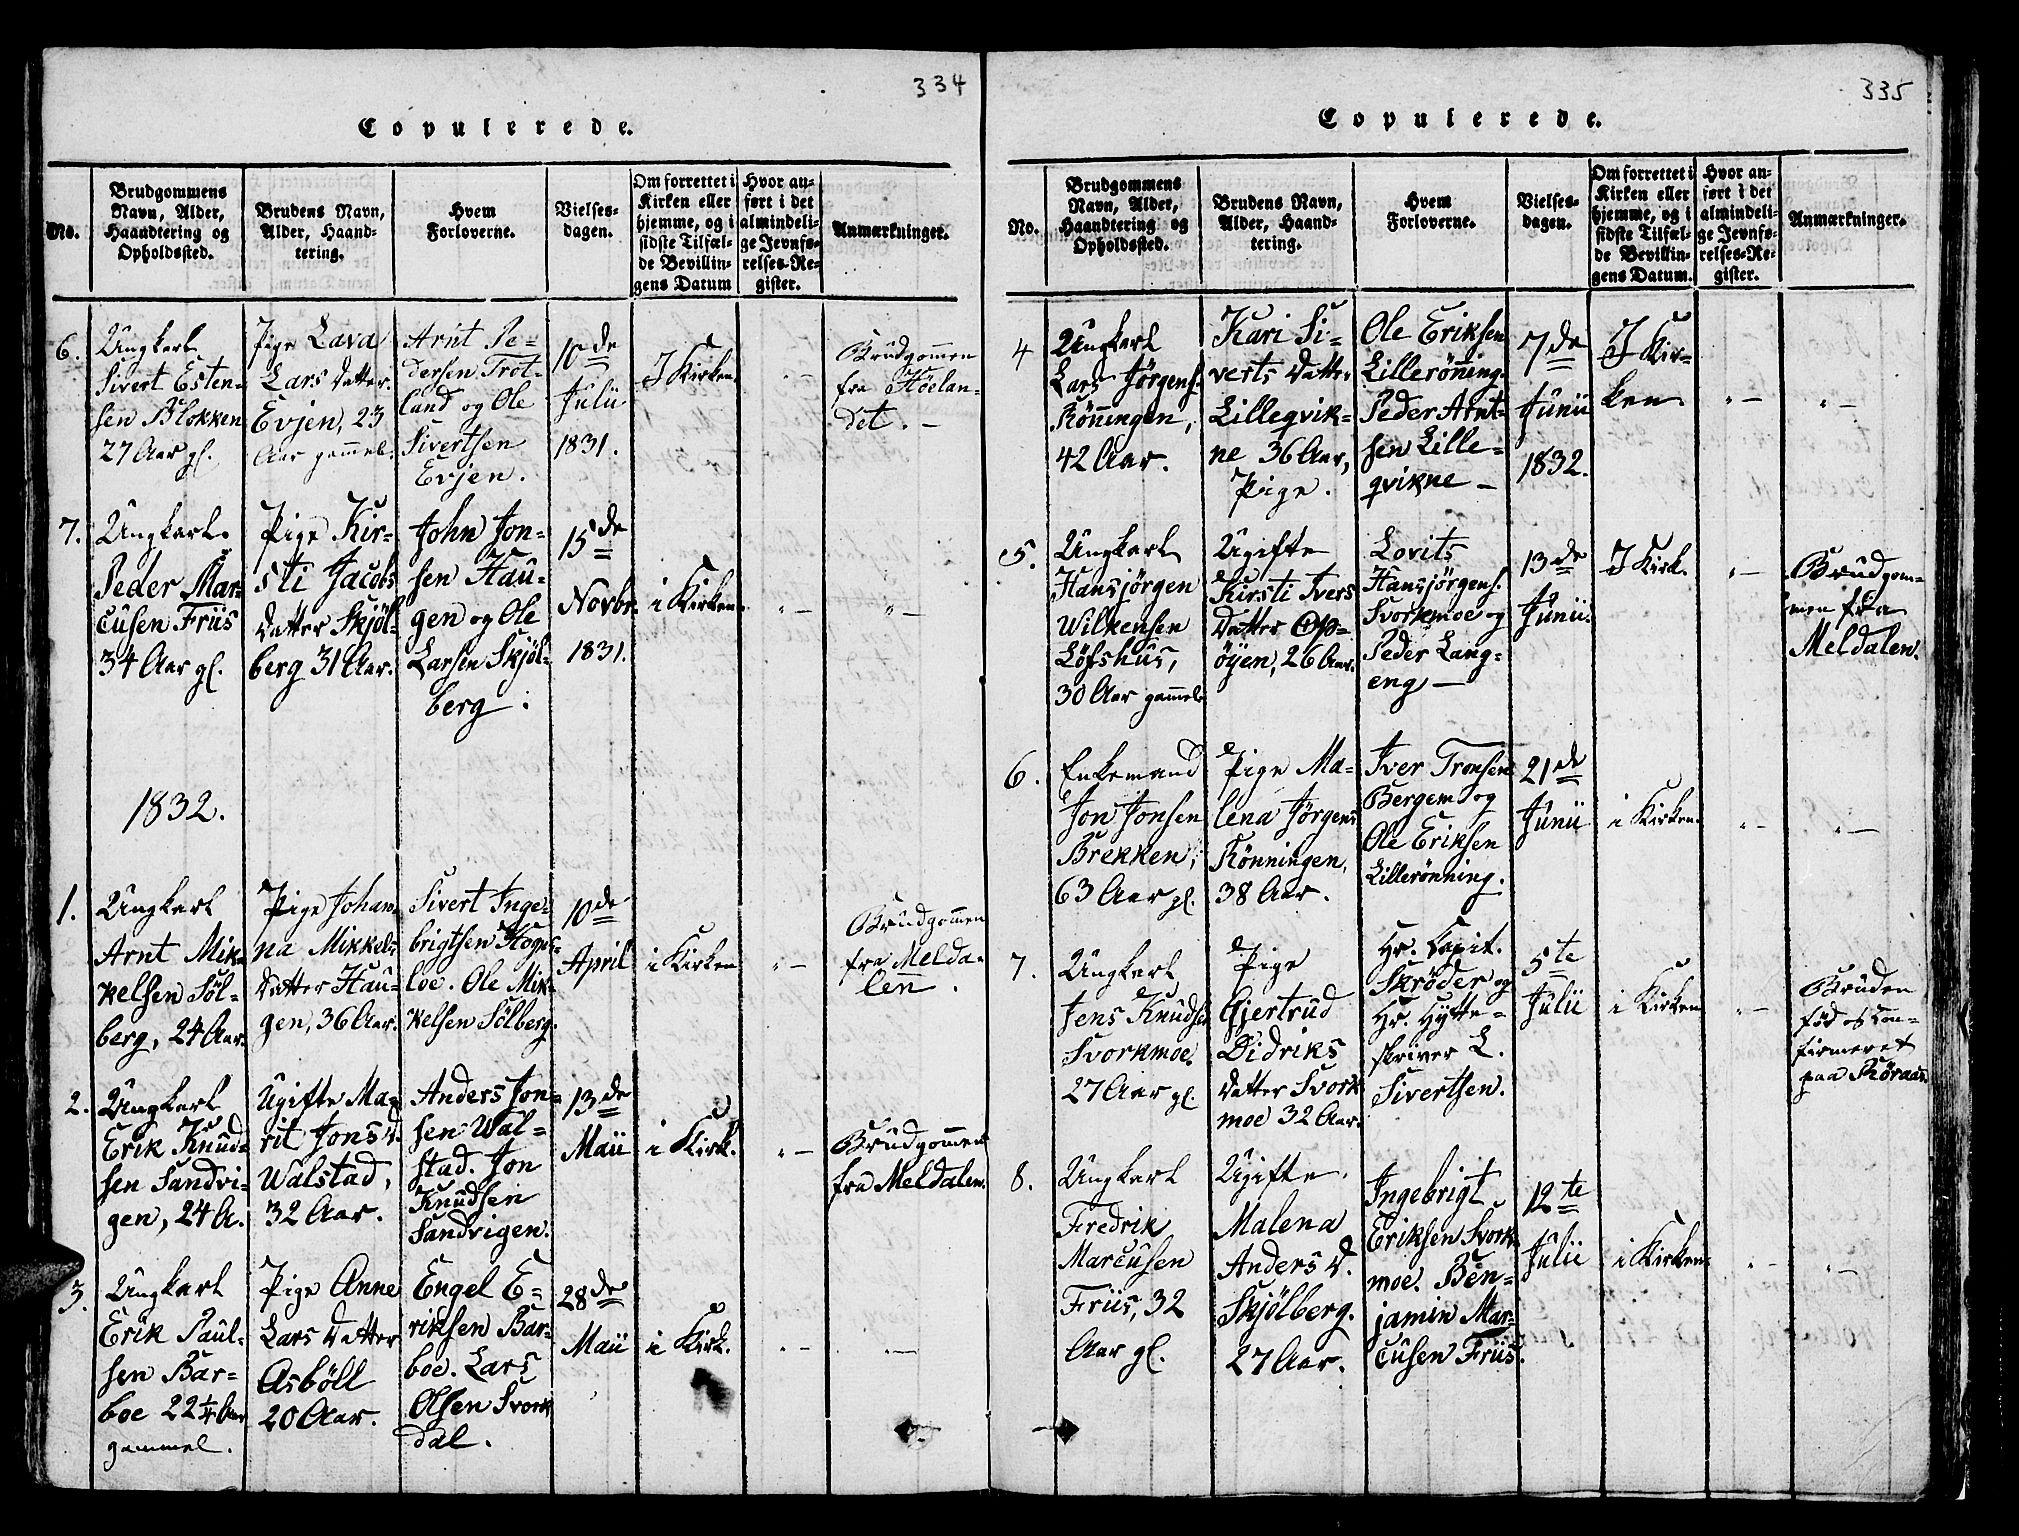 SAT, Ministerialprotokoller, klokkerbøker og fødselsregistre - Sør-Trøndelag, 671/L0842: Klokkerbok nr. 671C01, 1816-1867, s. 334-335